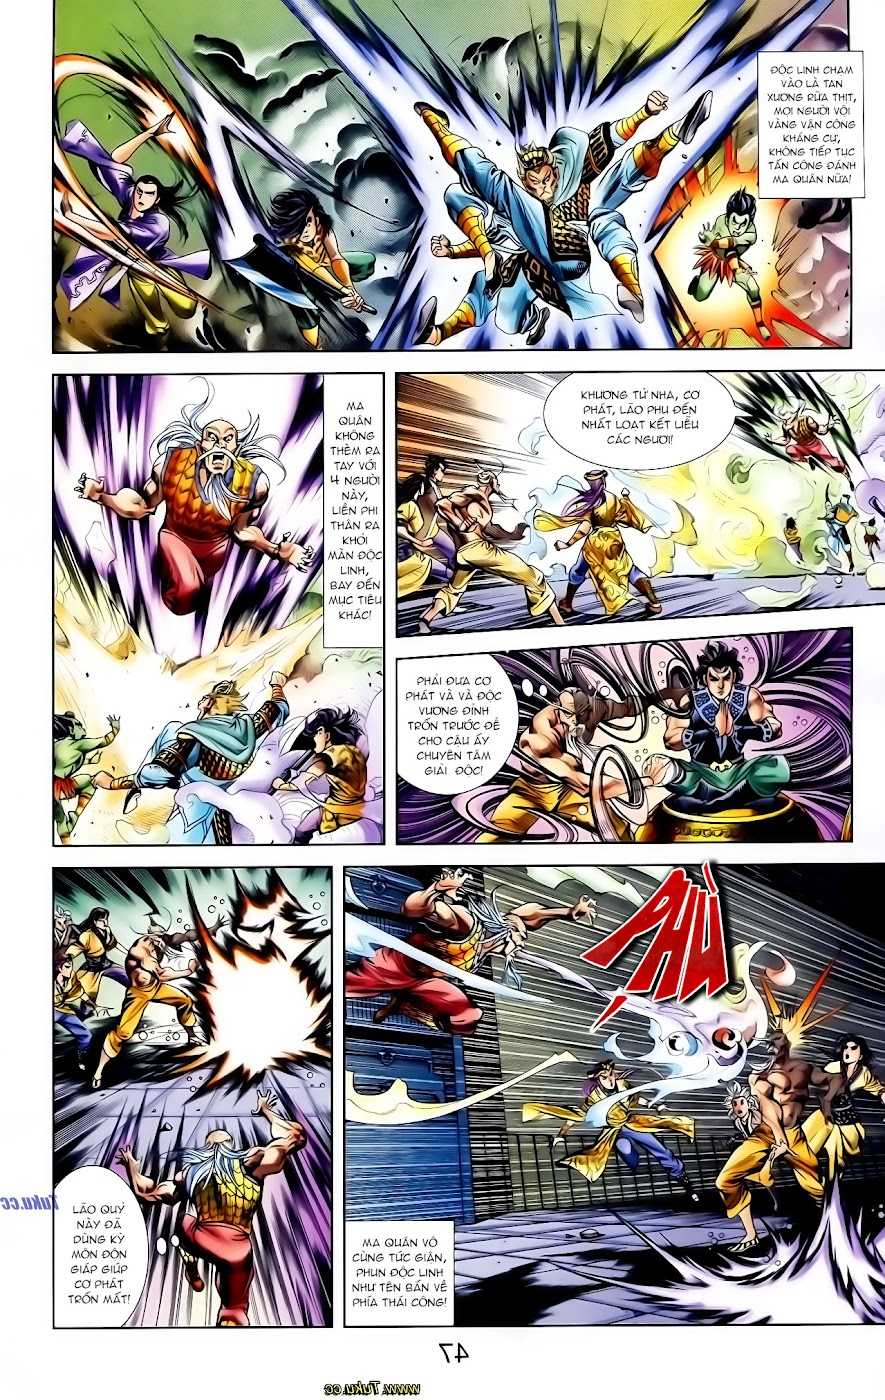 Cơ Phát Khai Chu Bản chapter 117 trang 6